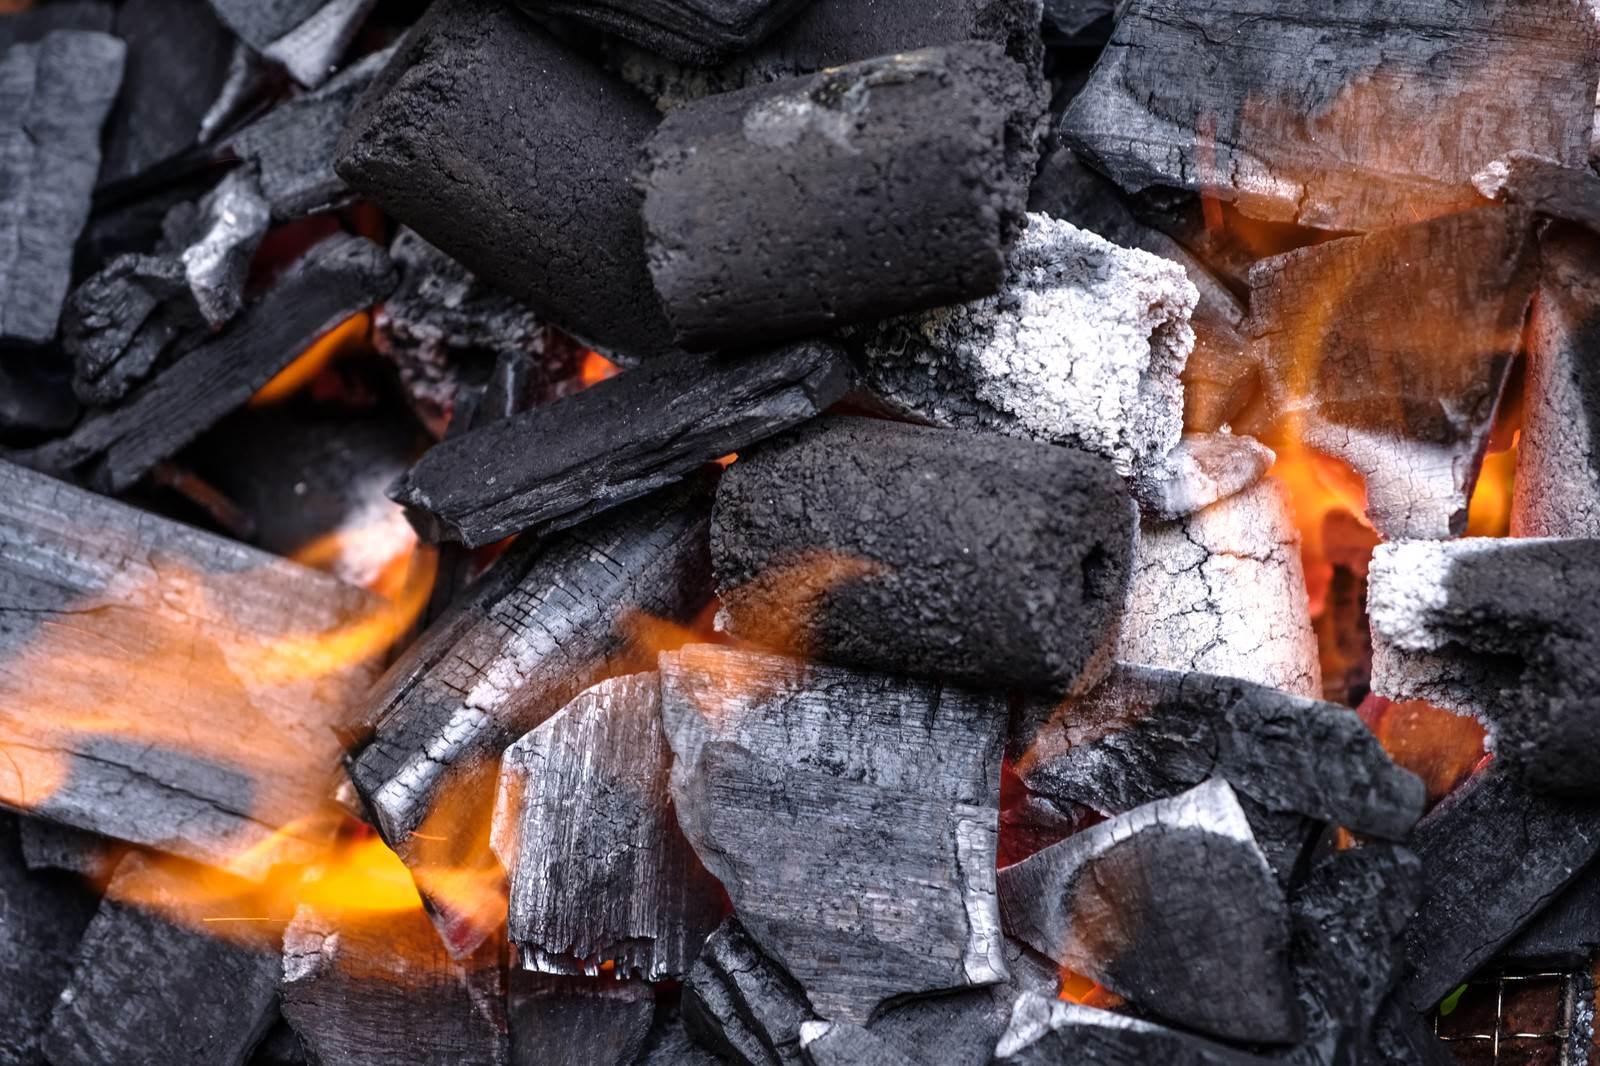 「木炭と炎木炭と炎」のフリー写真素材を拡大